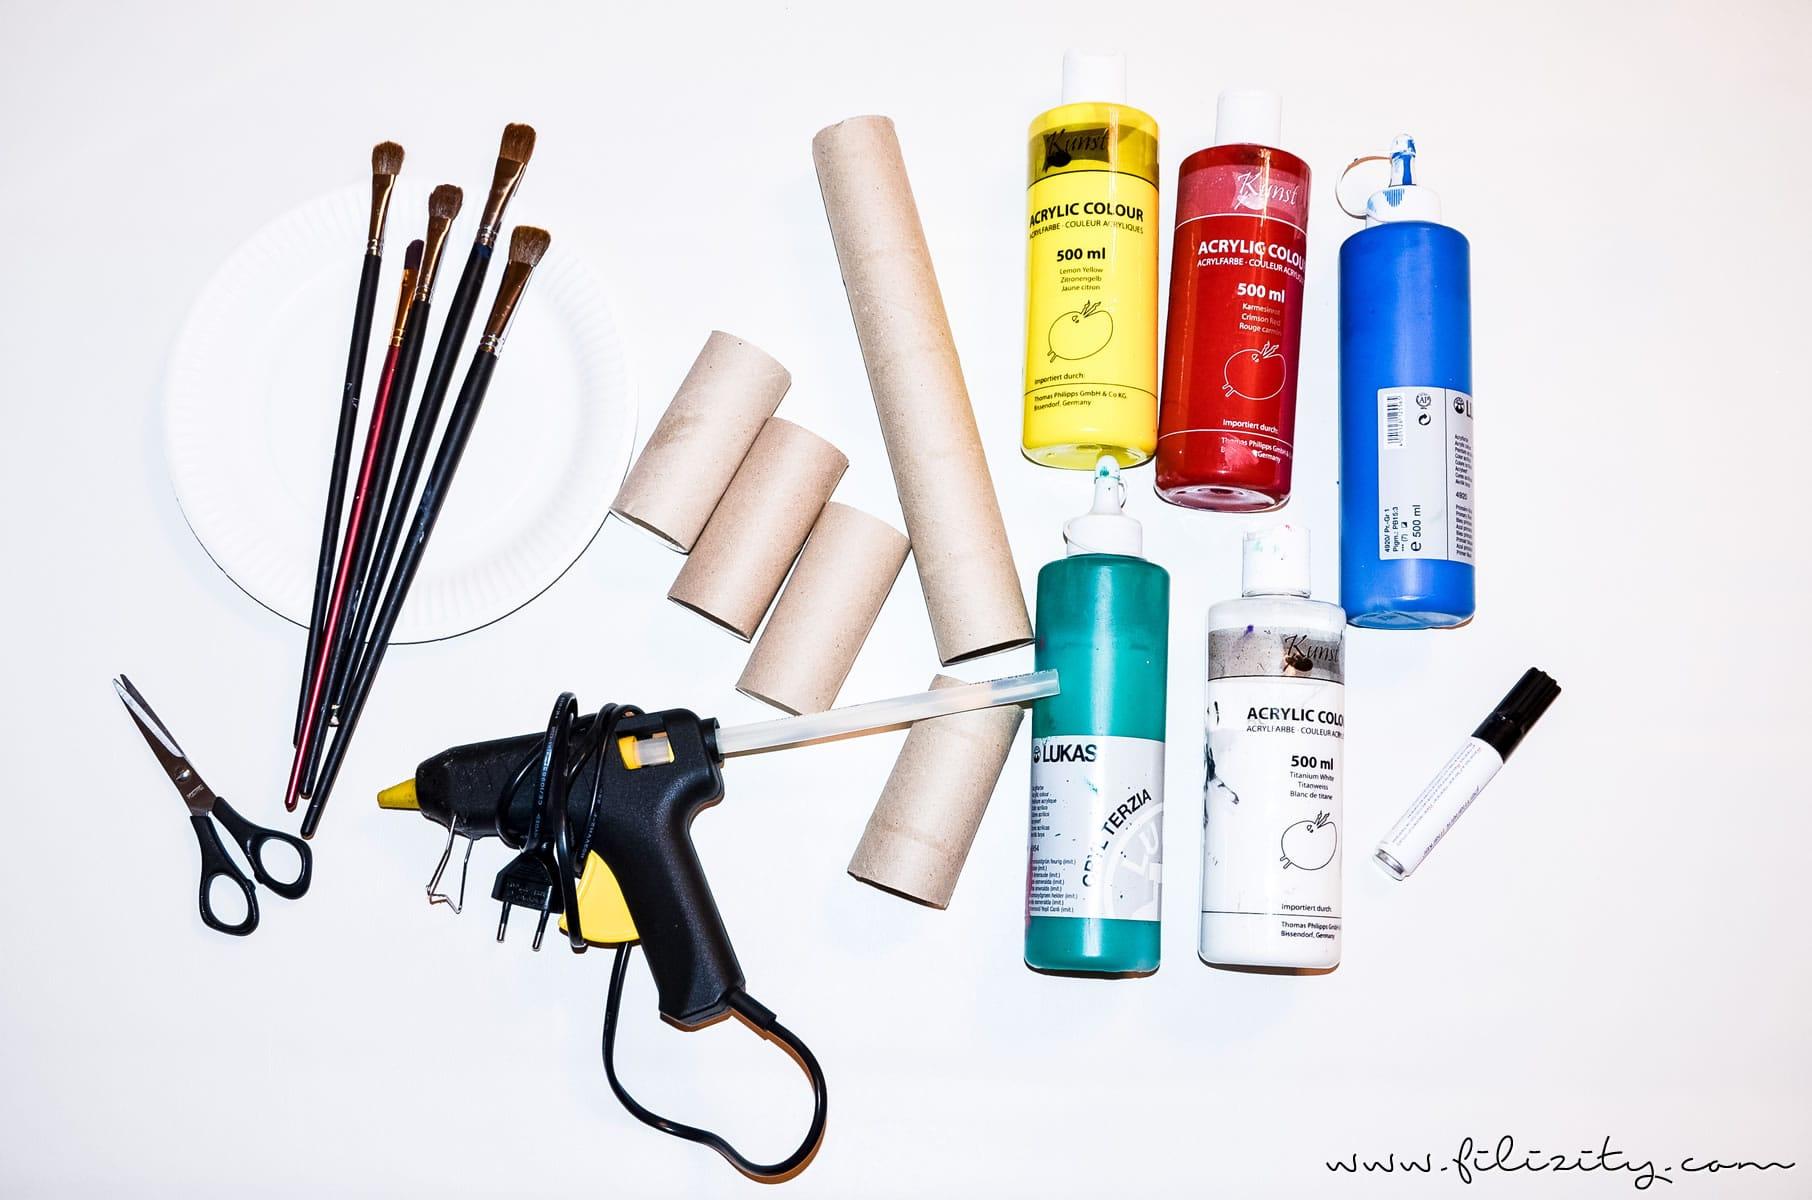 Basteln mit Kindern: DIY Osterhasen aus Papierrolle | Filizity.com | DIY-Blog aus dem Rheinland #ostern #osterhase